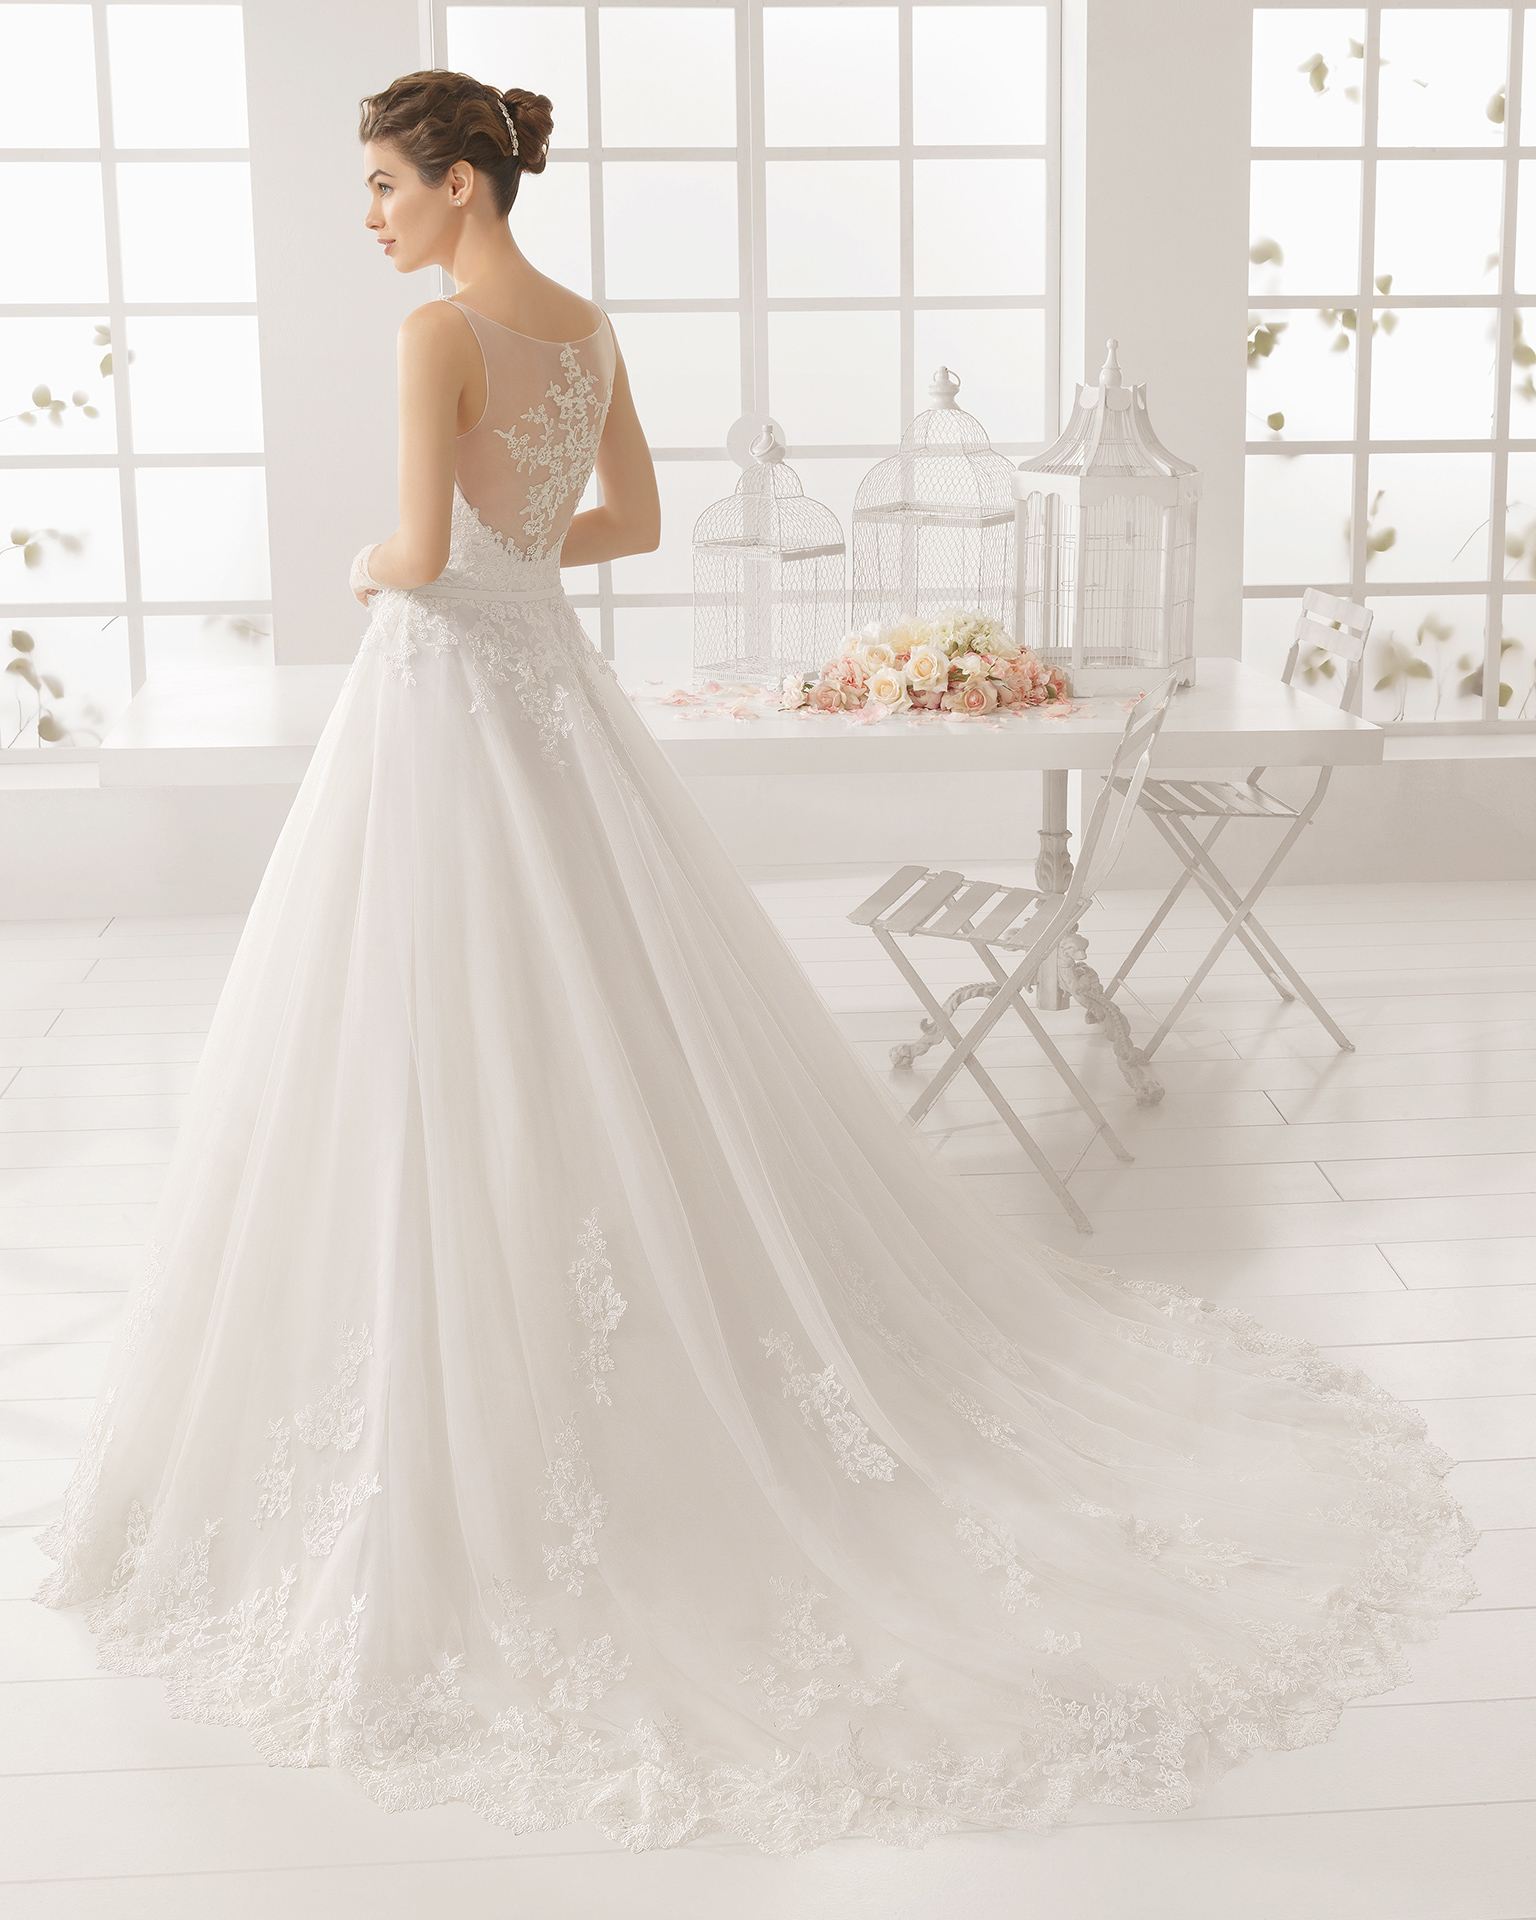 MIRIAM Brautkleid aus Strass besetztem, besticktem Tüll.